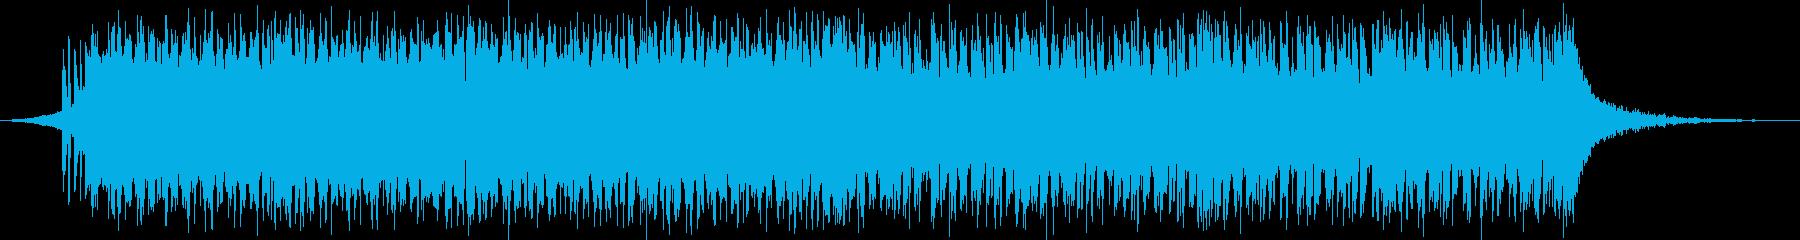 明るいポップなEDMの再生済みの波形